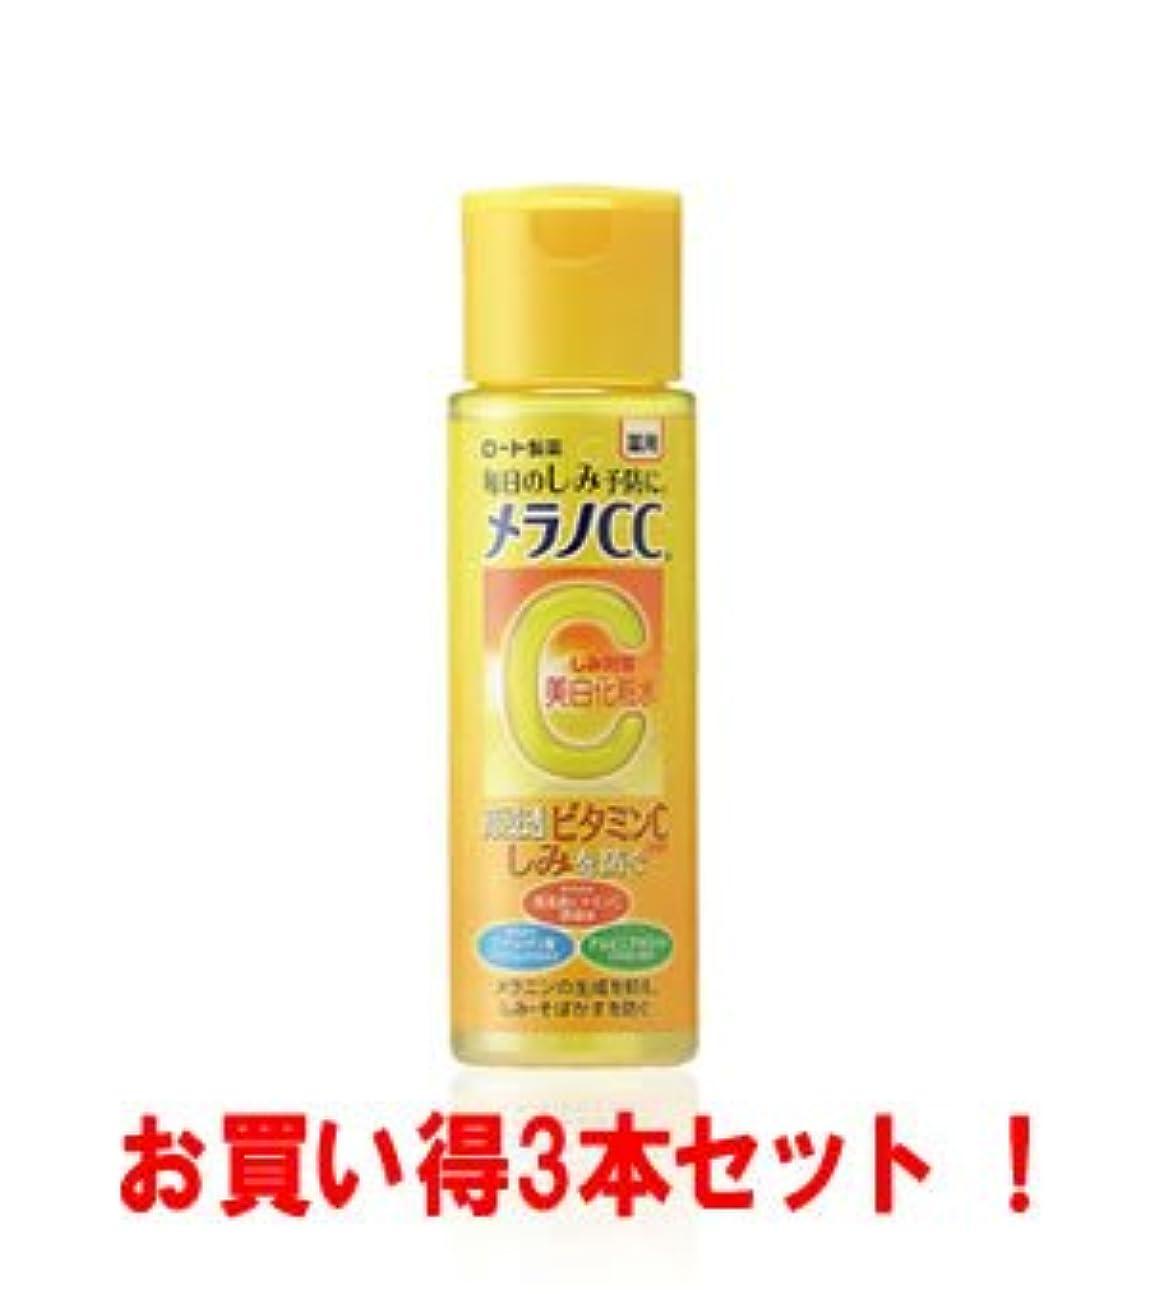 探検前兆(お買い得3本セット)メラノCC 薬用しみ対策美白化粧水(医薬部外品)170ml